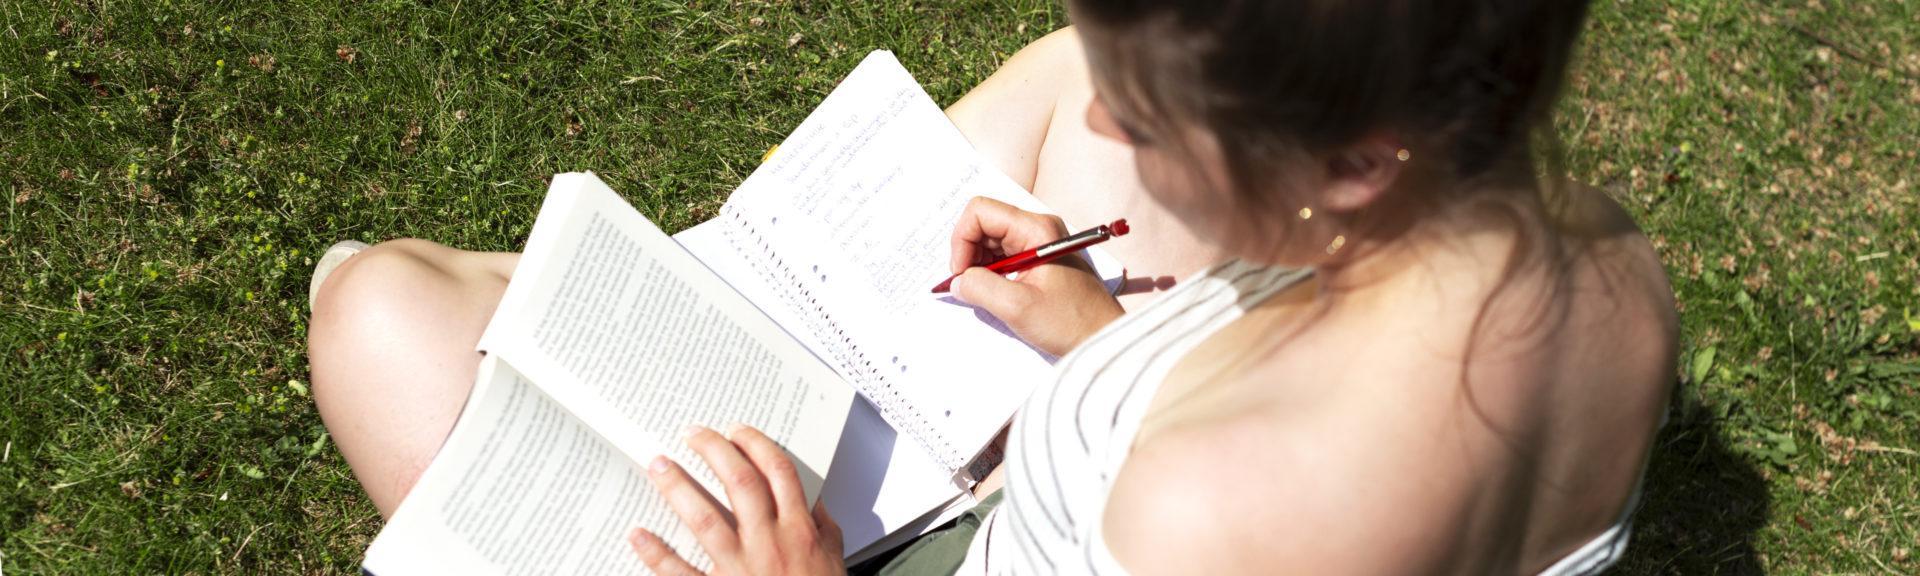 Eine junge Frau sitzt auf grünem Rasen. Auf ihren verschränkten Beinen hat sie ein offenes Buch und ein Notizheft abgelegt. In das Buch schreibt sie mit einem Kugelschreiber. Die Frau hat braune Haare und trägt ein sommerliches Shirt sowie eine kurze Hose. Wir sehen ihr schräg über die Schulter.